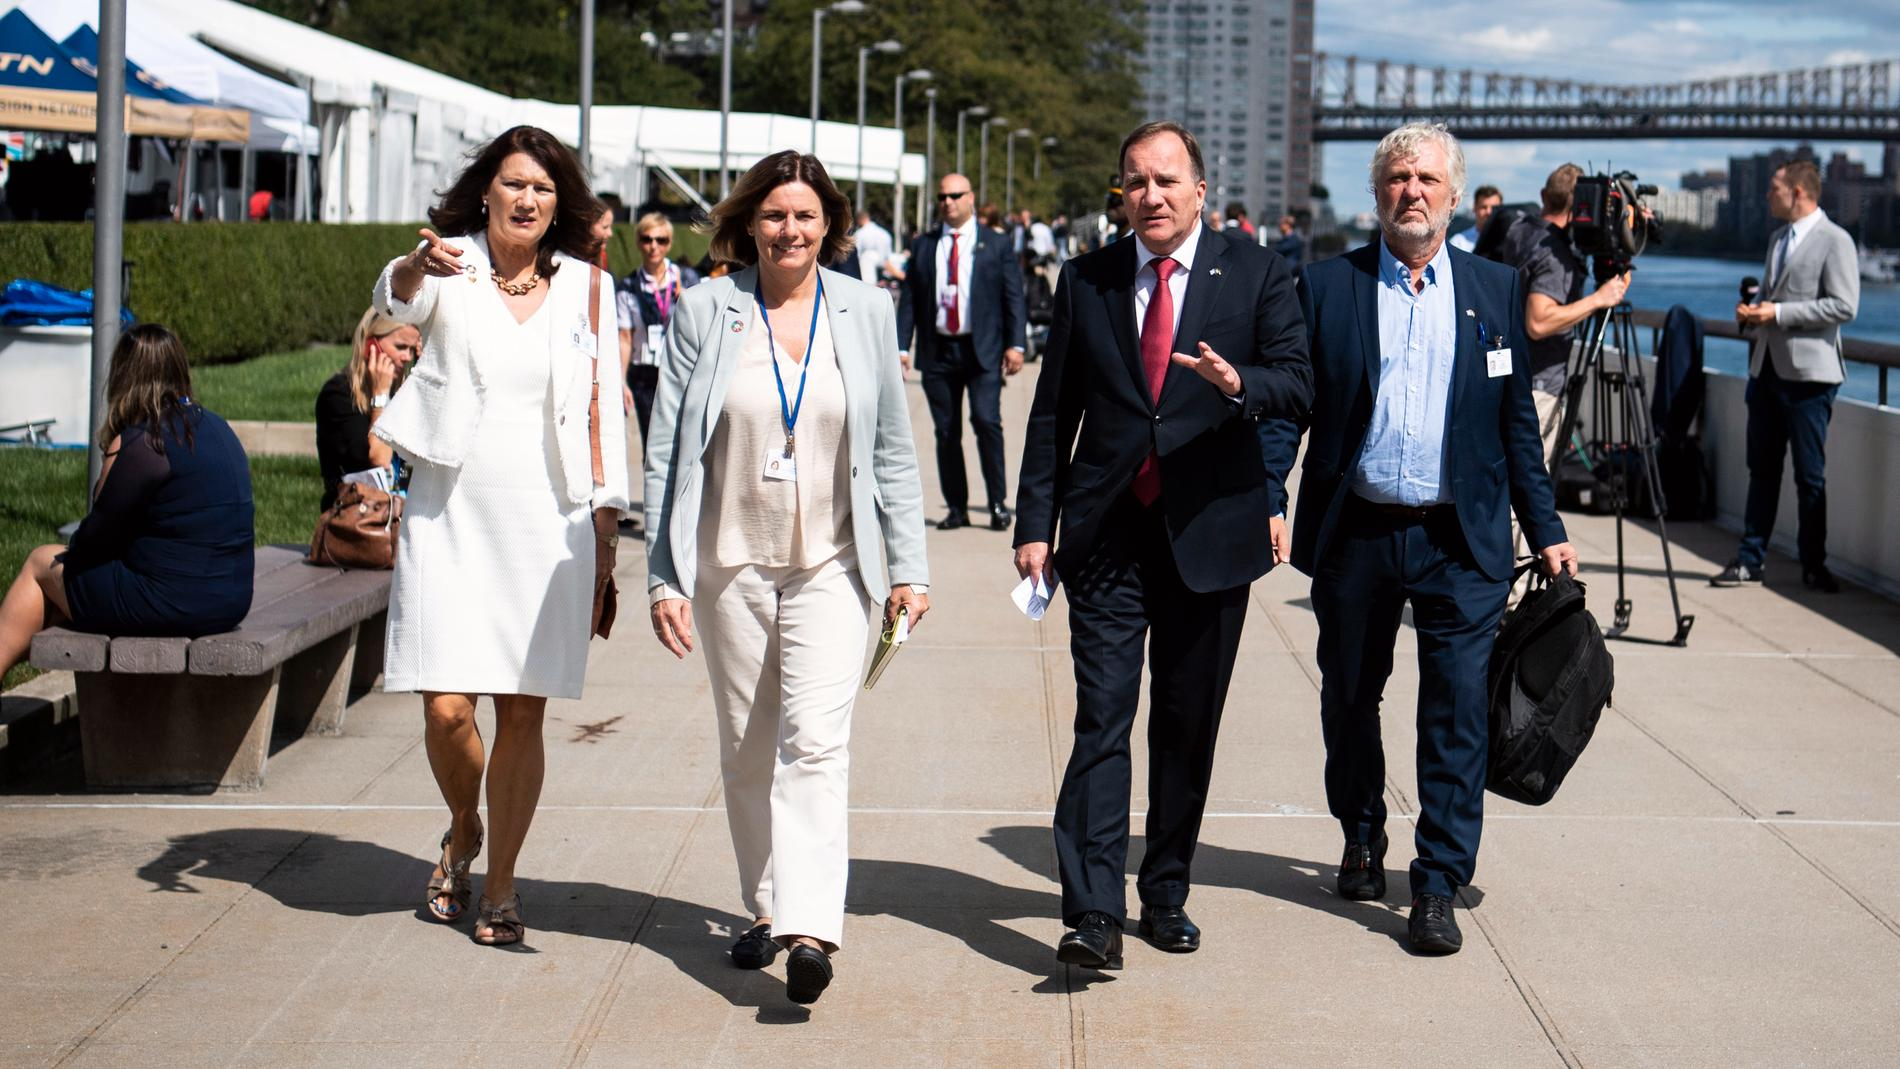 Statsminister Stefan Löfven med ministerkolleger vid FN-högkvarteret i New York 2019. Arkivbild.